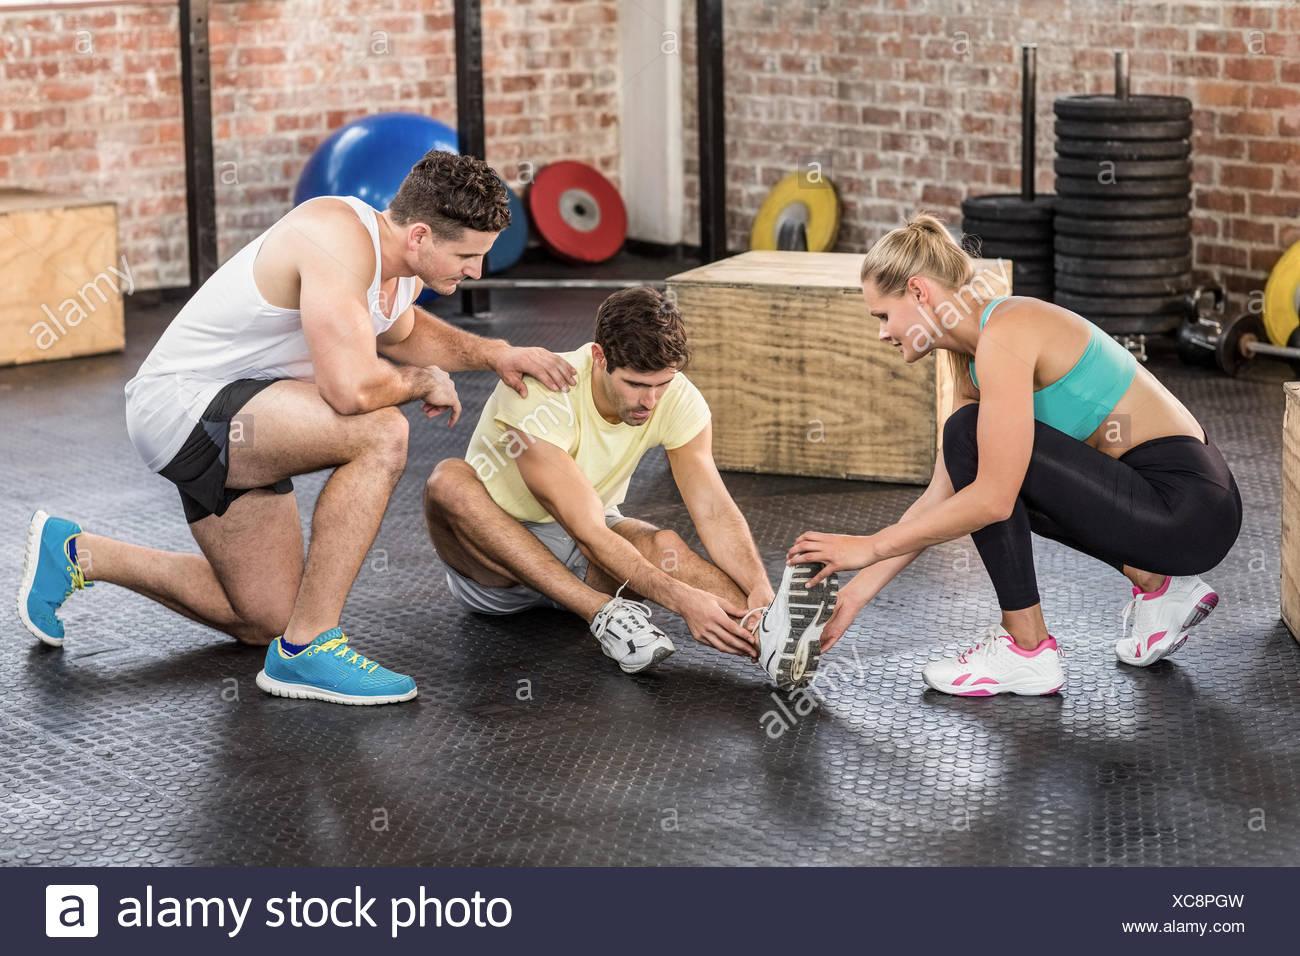 Muscular man having an ankle injury - Stock Image